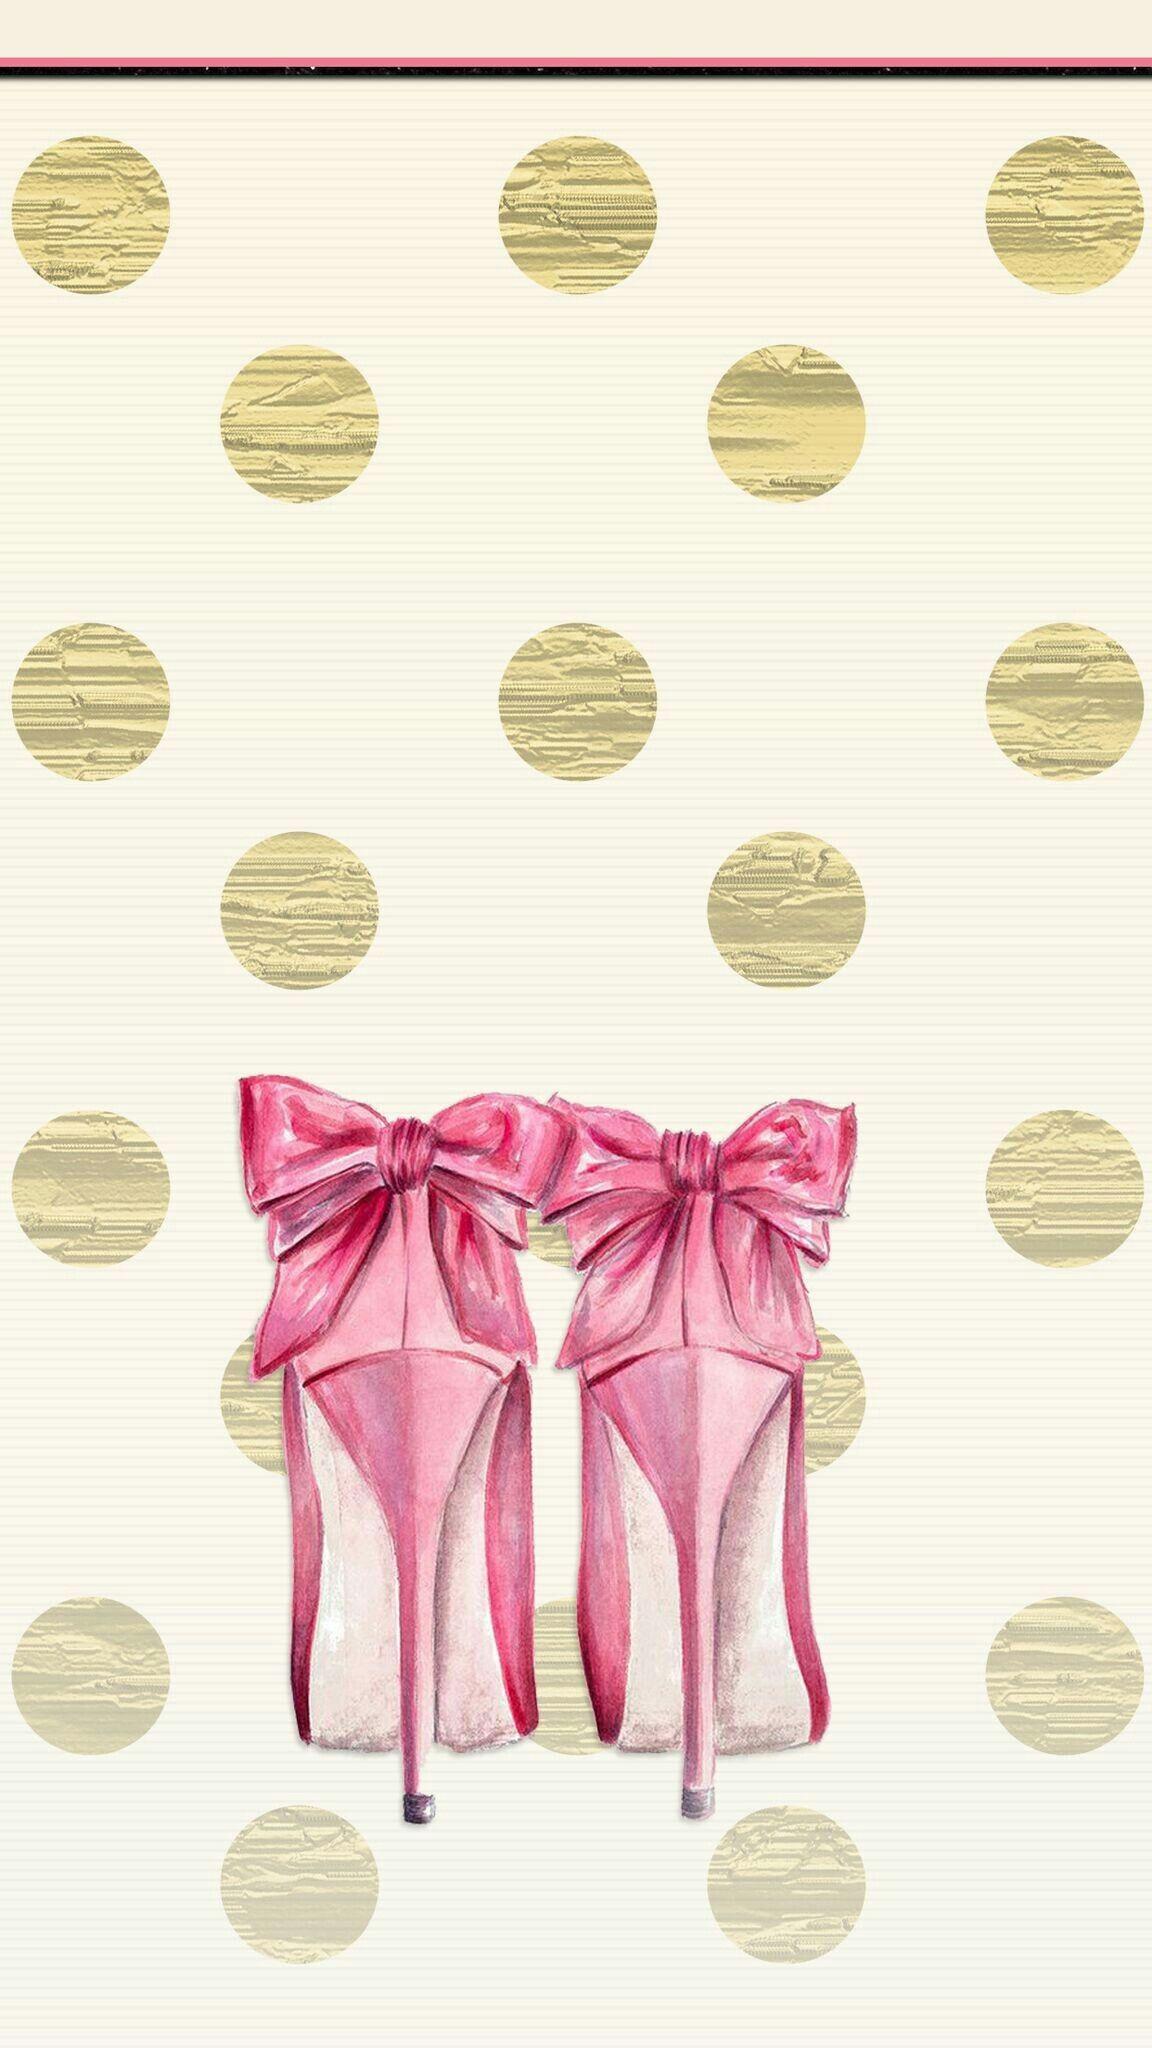 shoes」おしゃれまとめの人気アイデア|pinterest |samantha keller